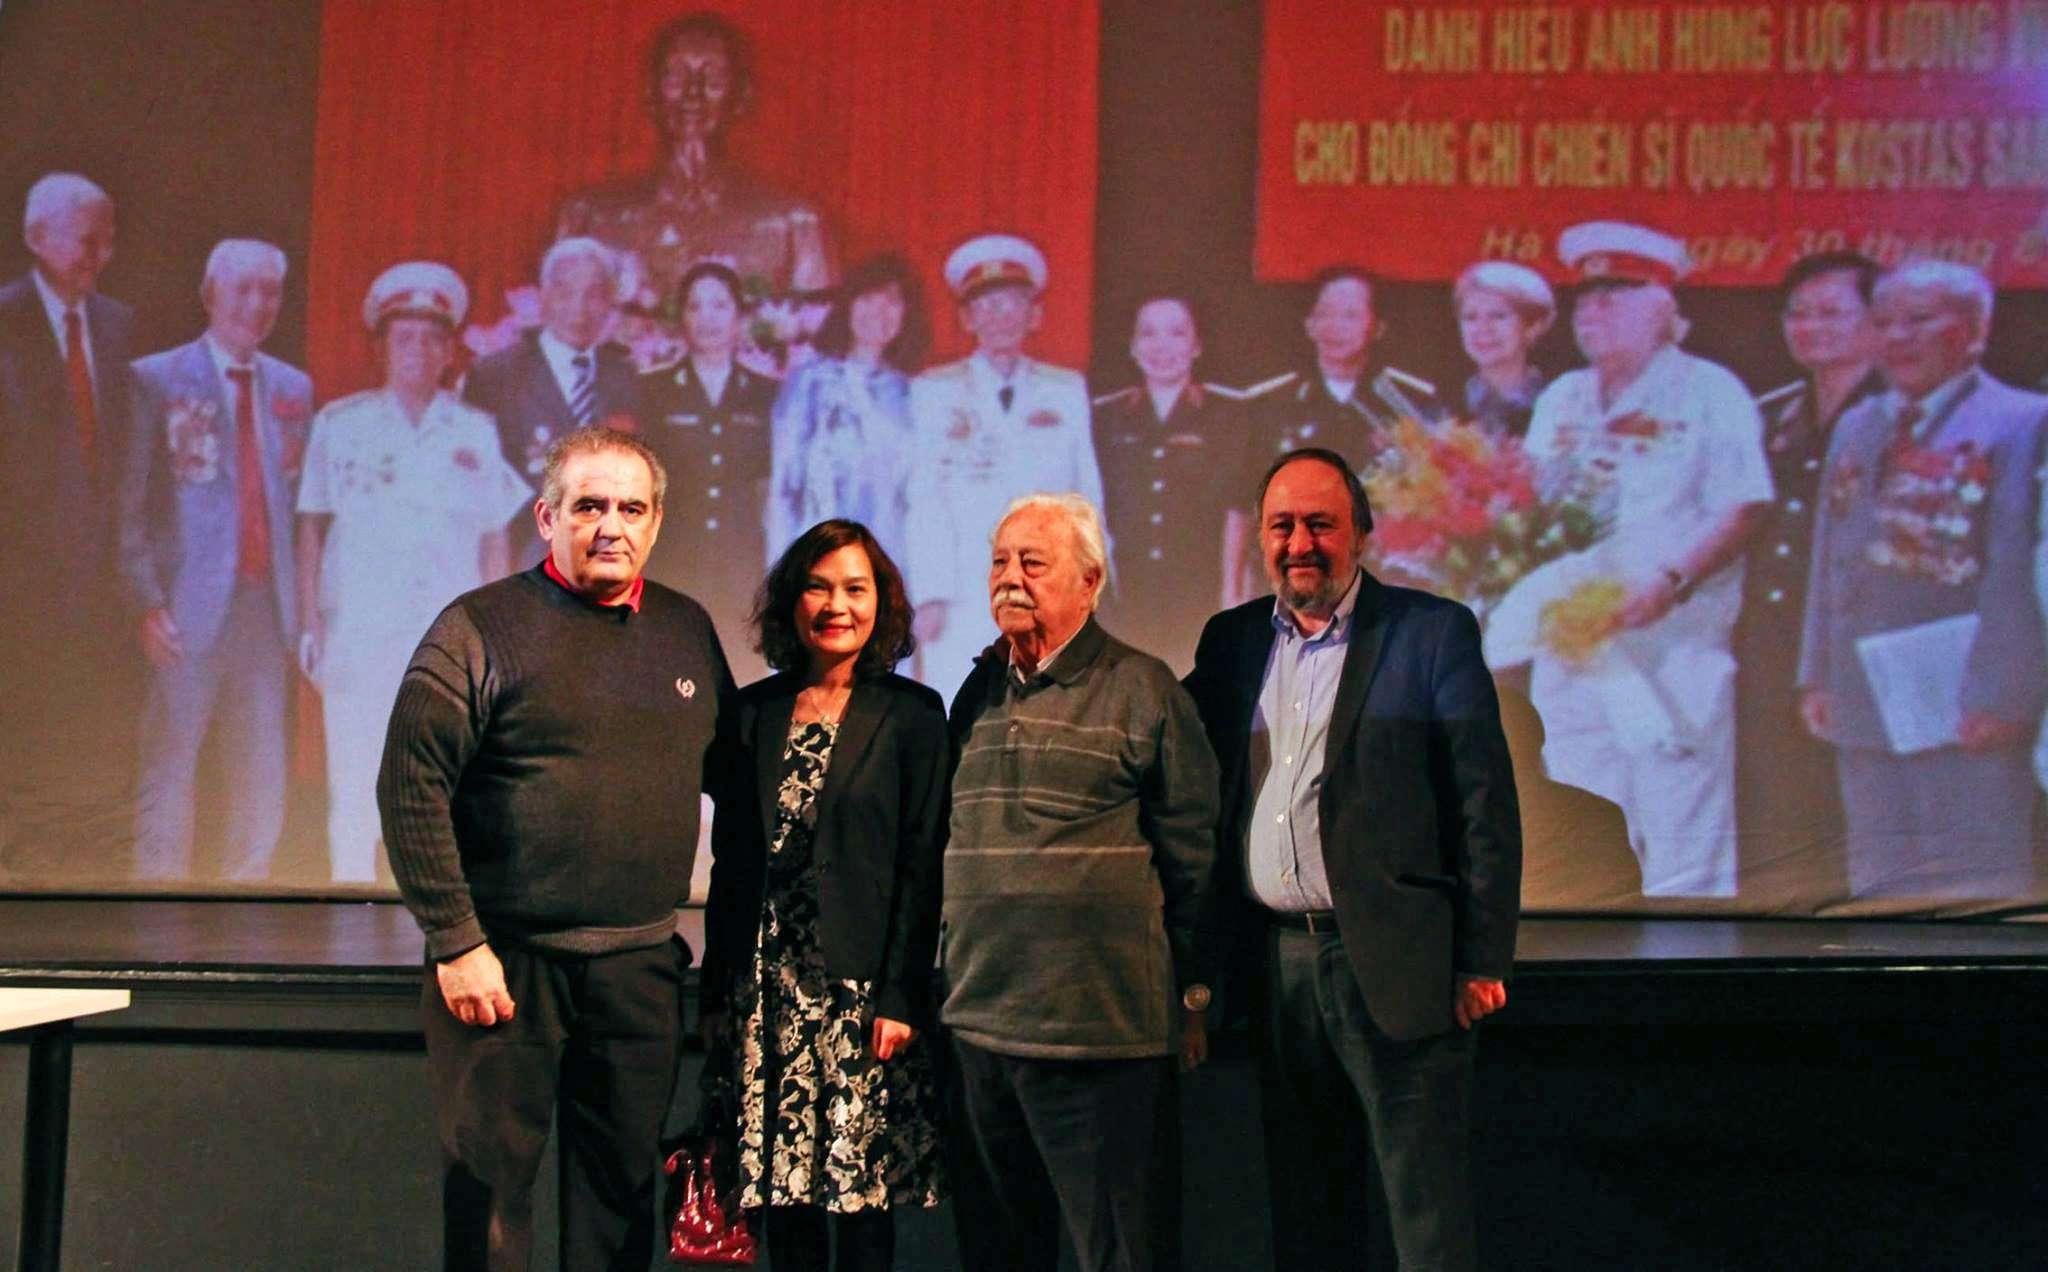 Σαραντίδης Nguyen Van Lap ο έλληνας VIETμίνχ ταινία Γ.Μαρίνος + Β.Κοσσυβάκης